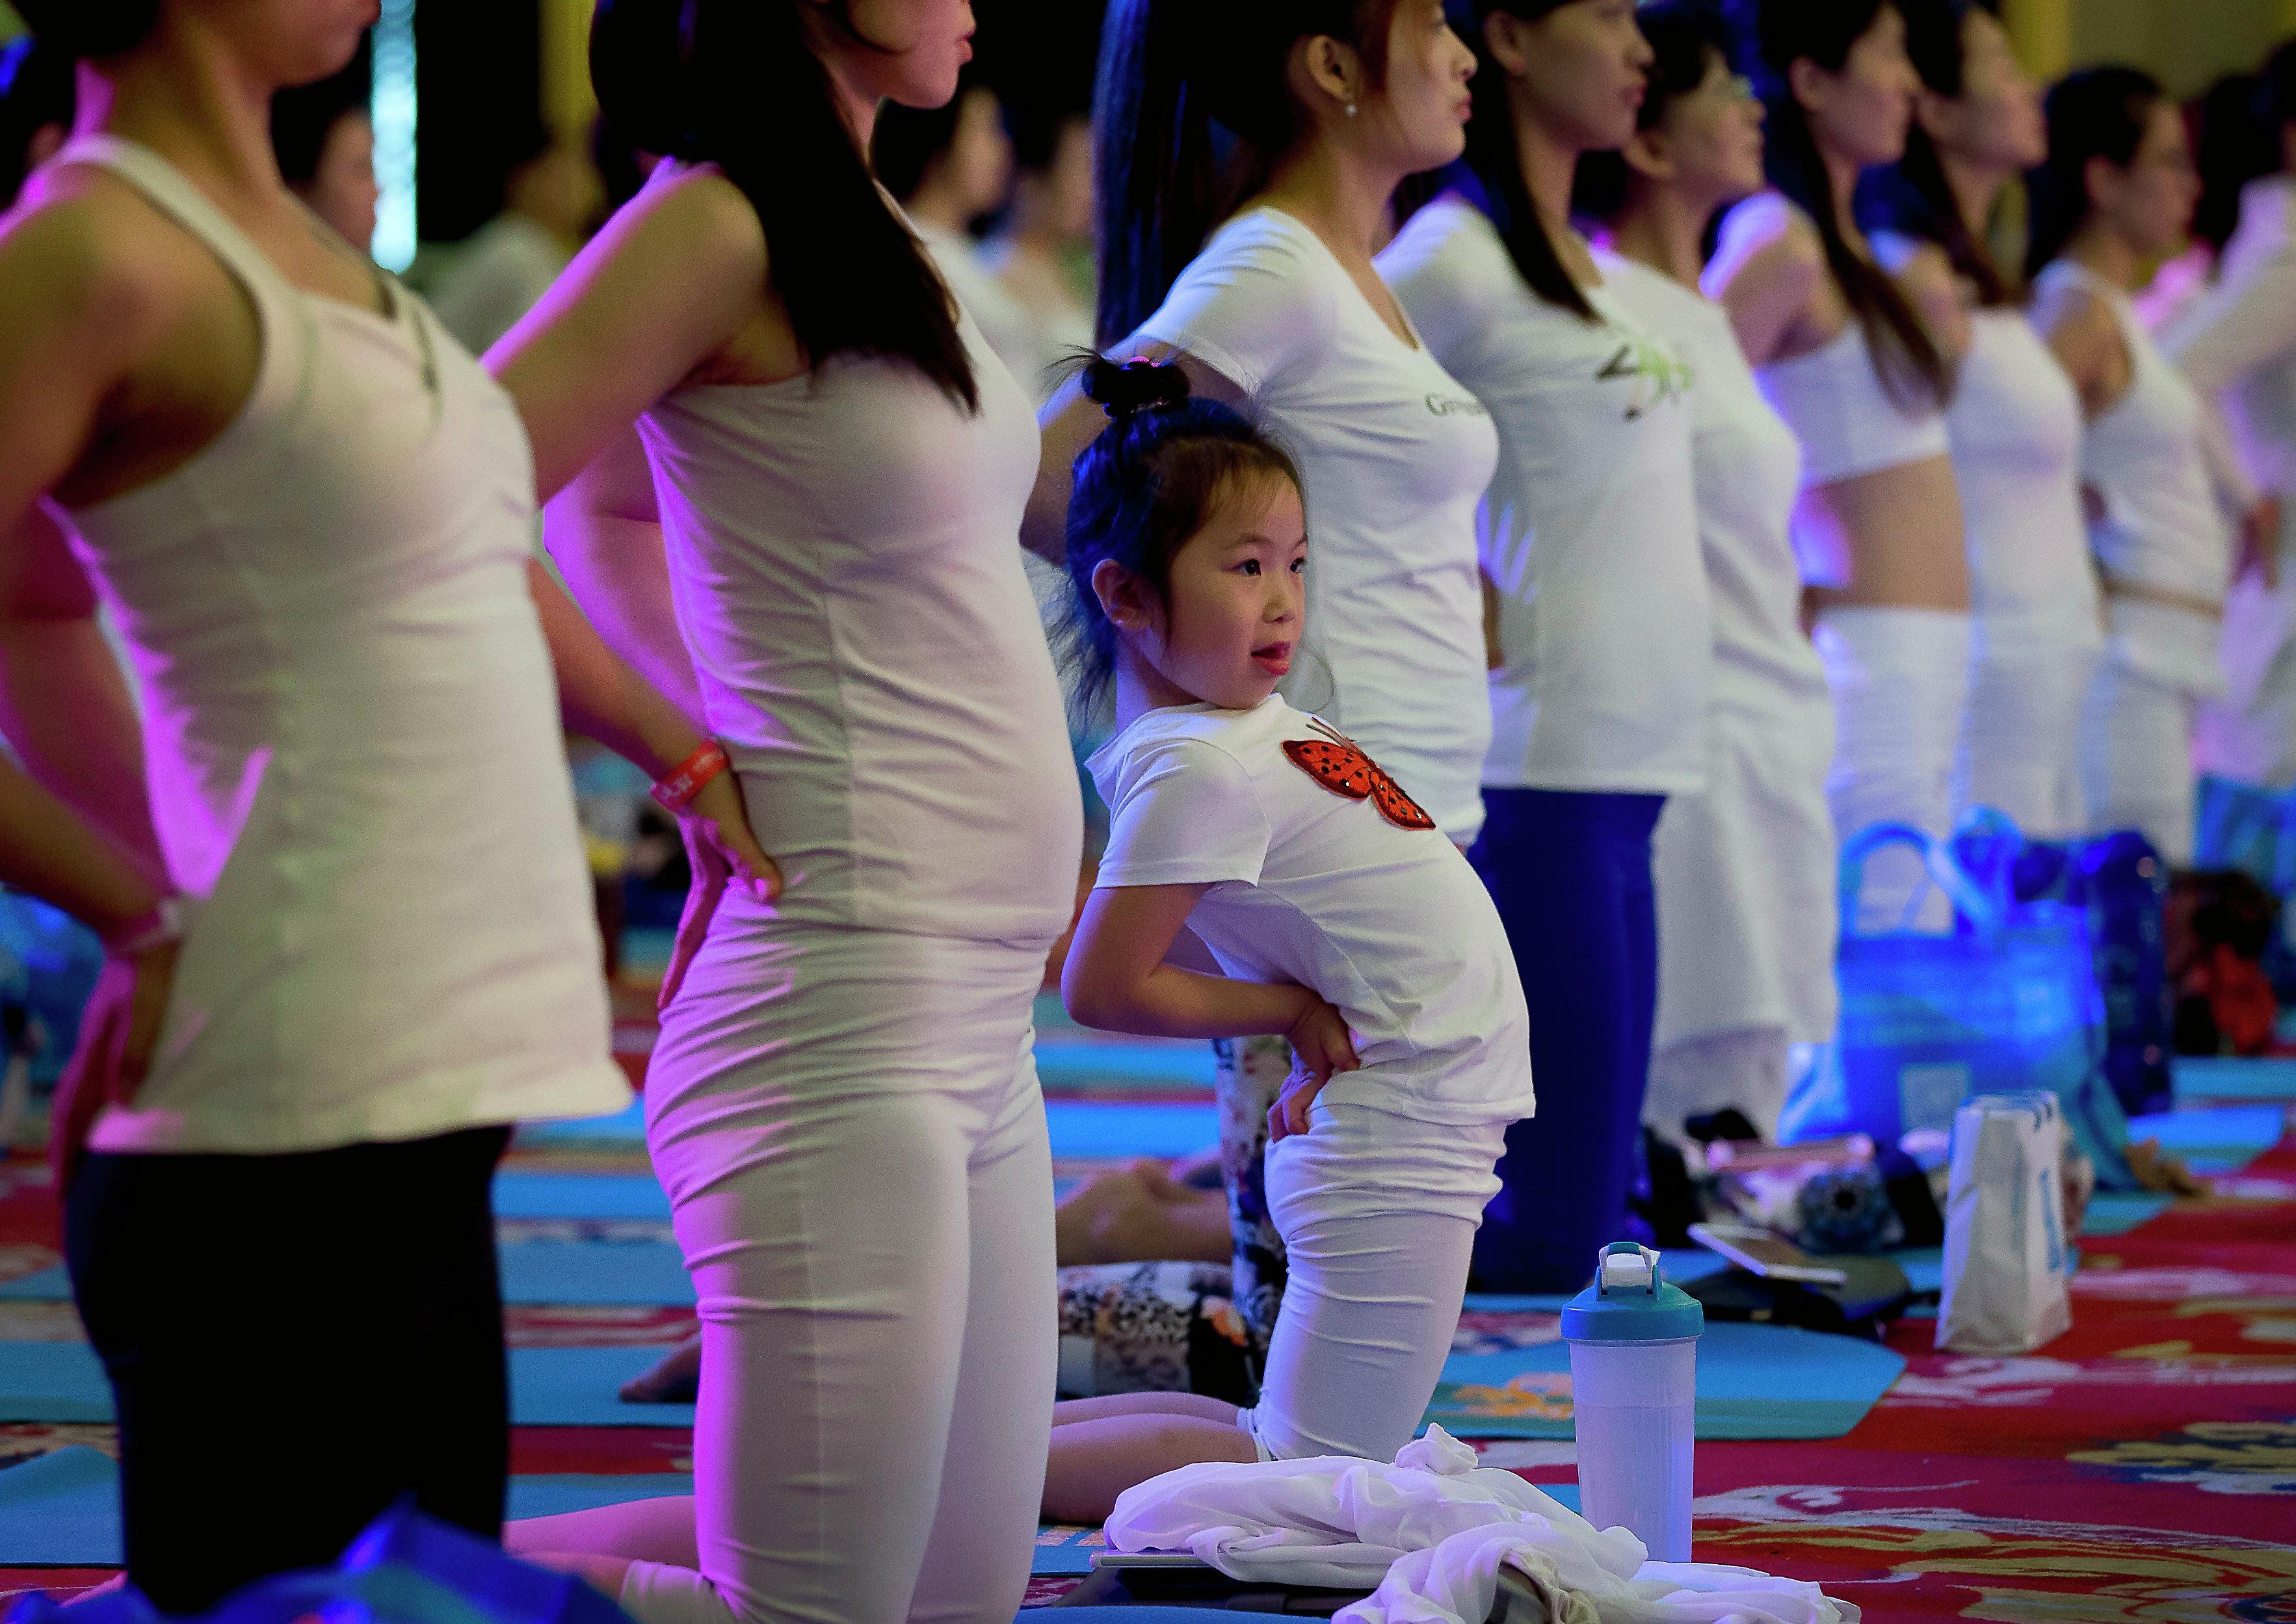 طفلة صينية تمارس اليوجا فى اليوم العالمي لليوجا فى أحدى المقاطعات فى بكين الصينية